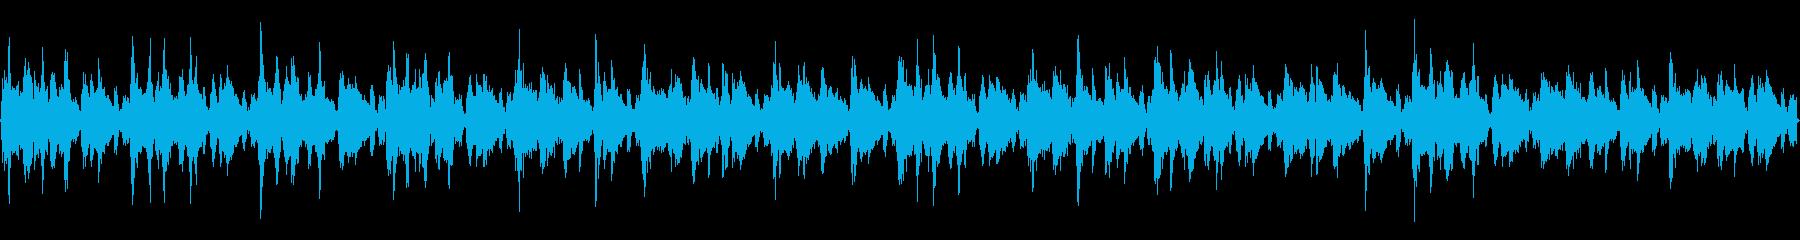 クラブで流すことを想定した曲ですの再生済みの波形